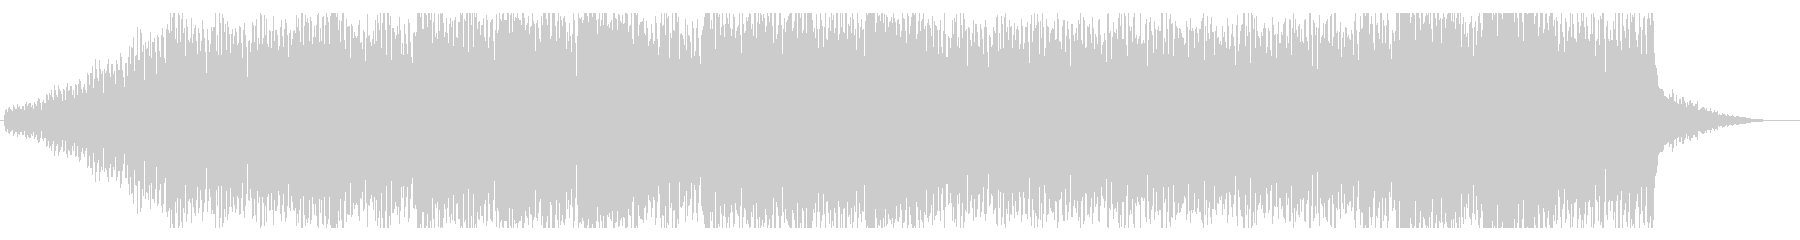 近未来的でダークなBGM No.2の未再生の波形